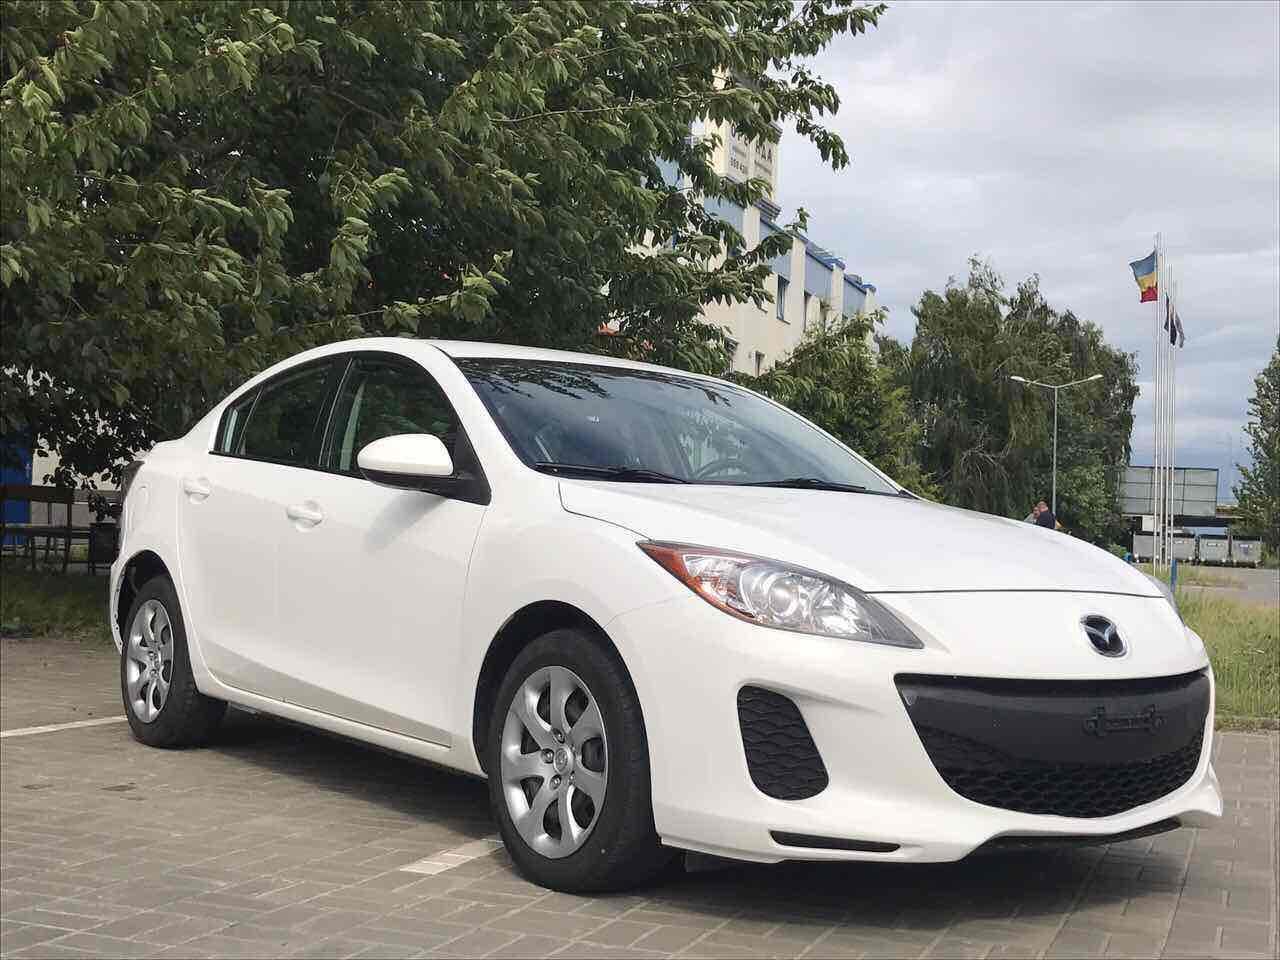 SOLD! Mazda 3 2012